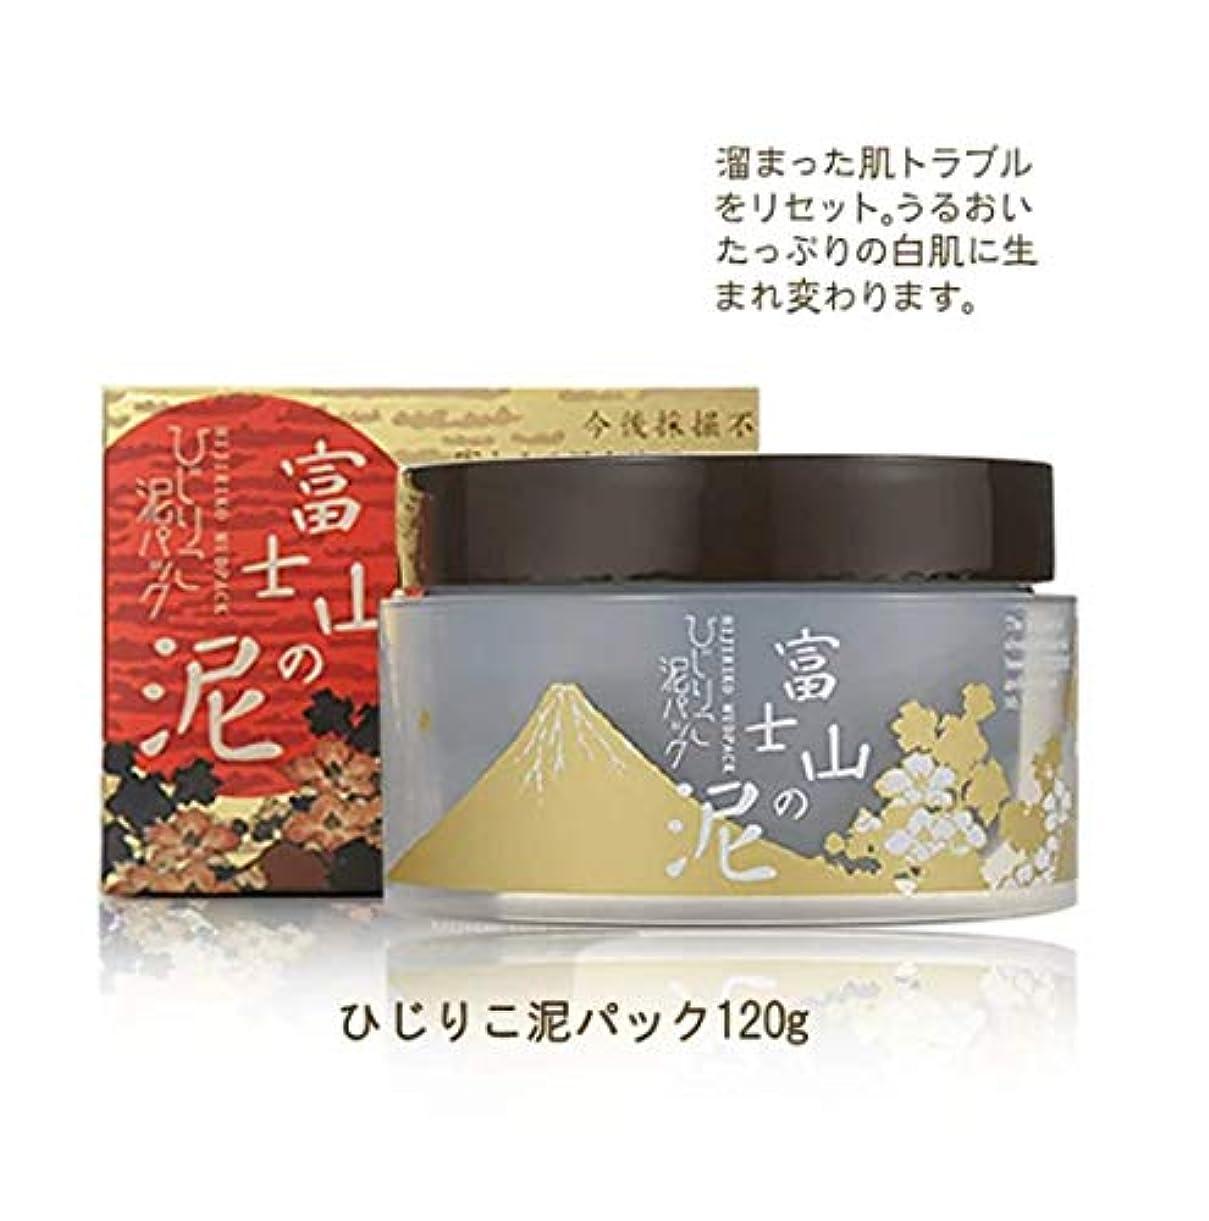 取り除くアブセイビジョンひじりこ化粧品 ひじりこ泥パックS 富士山の泥 120g